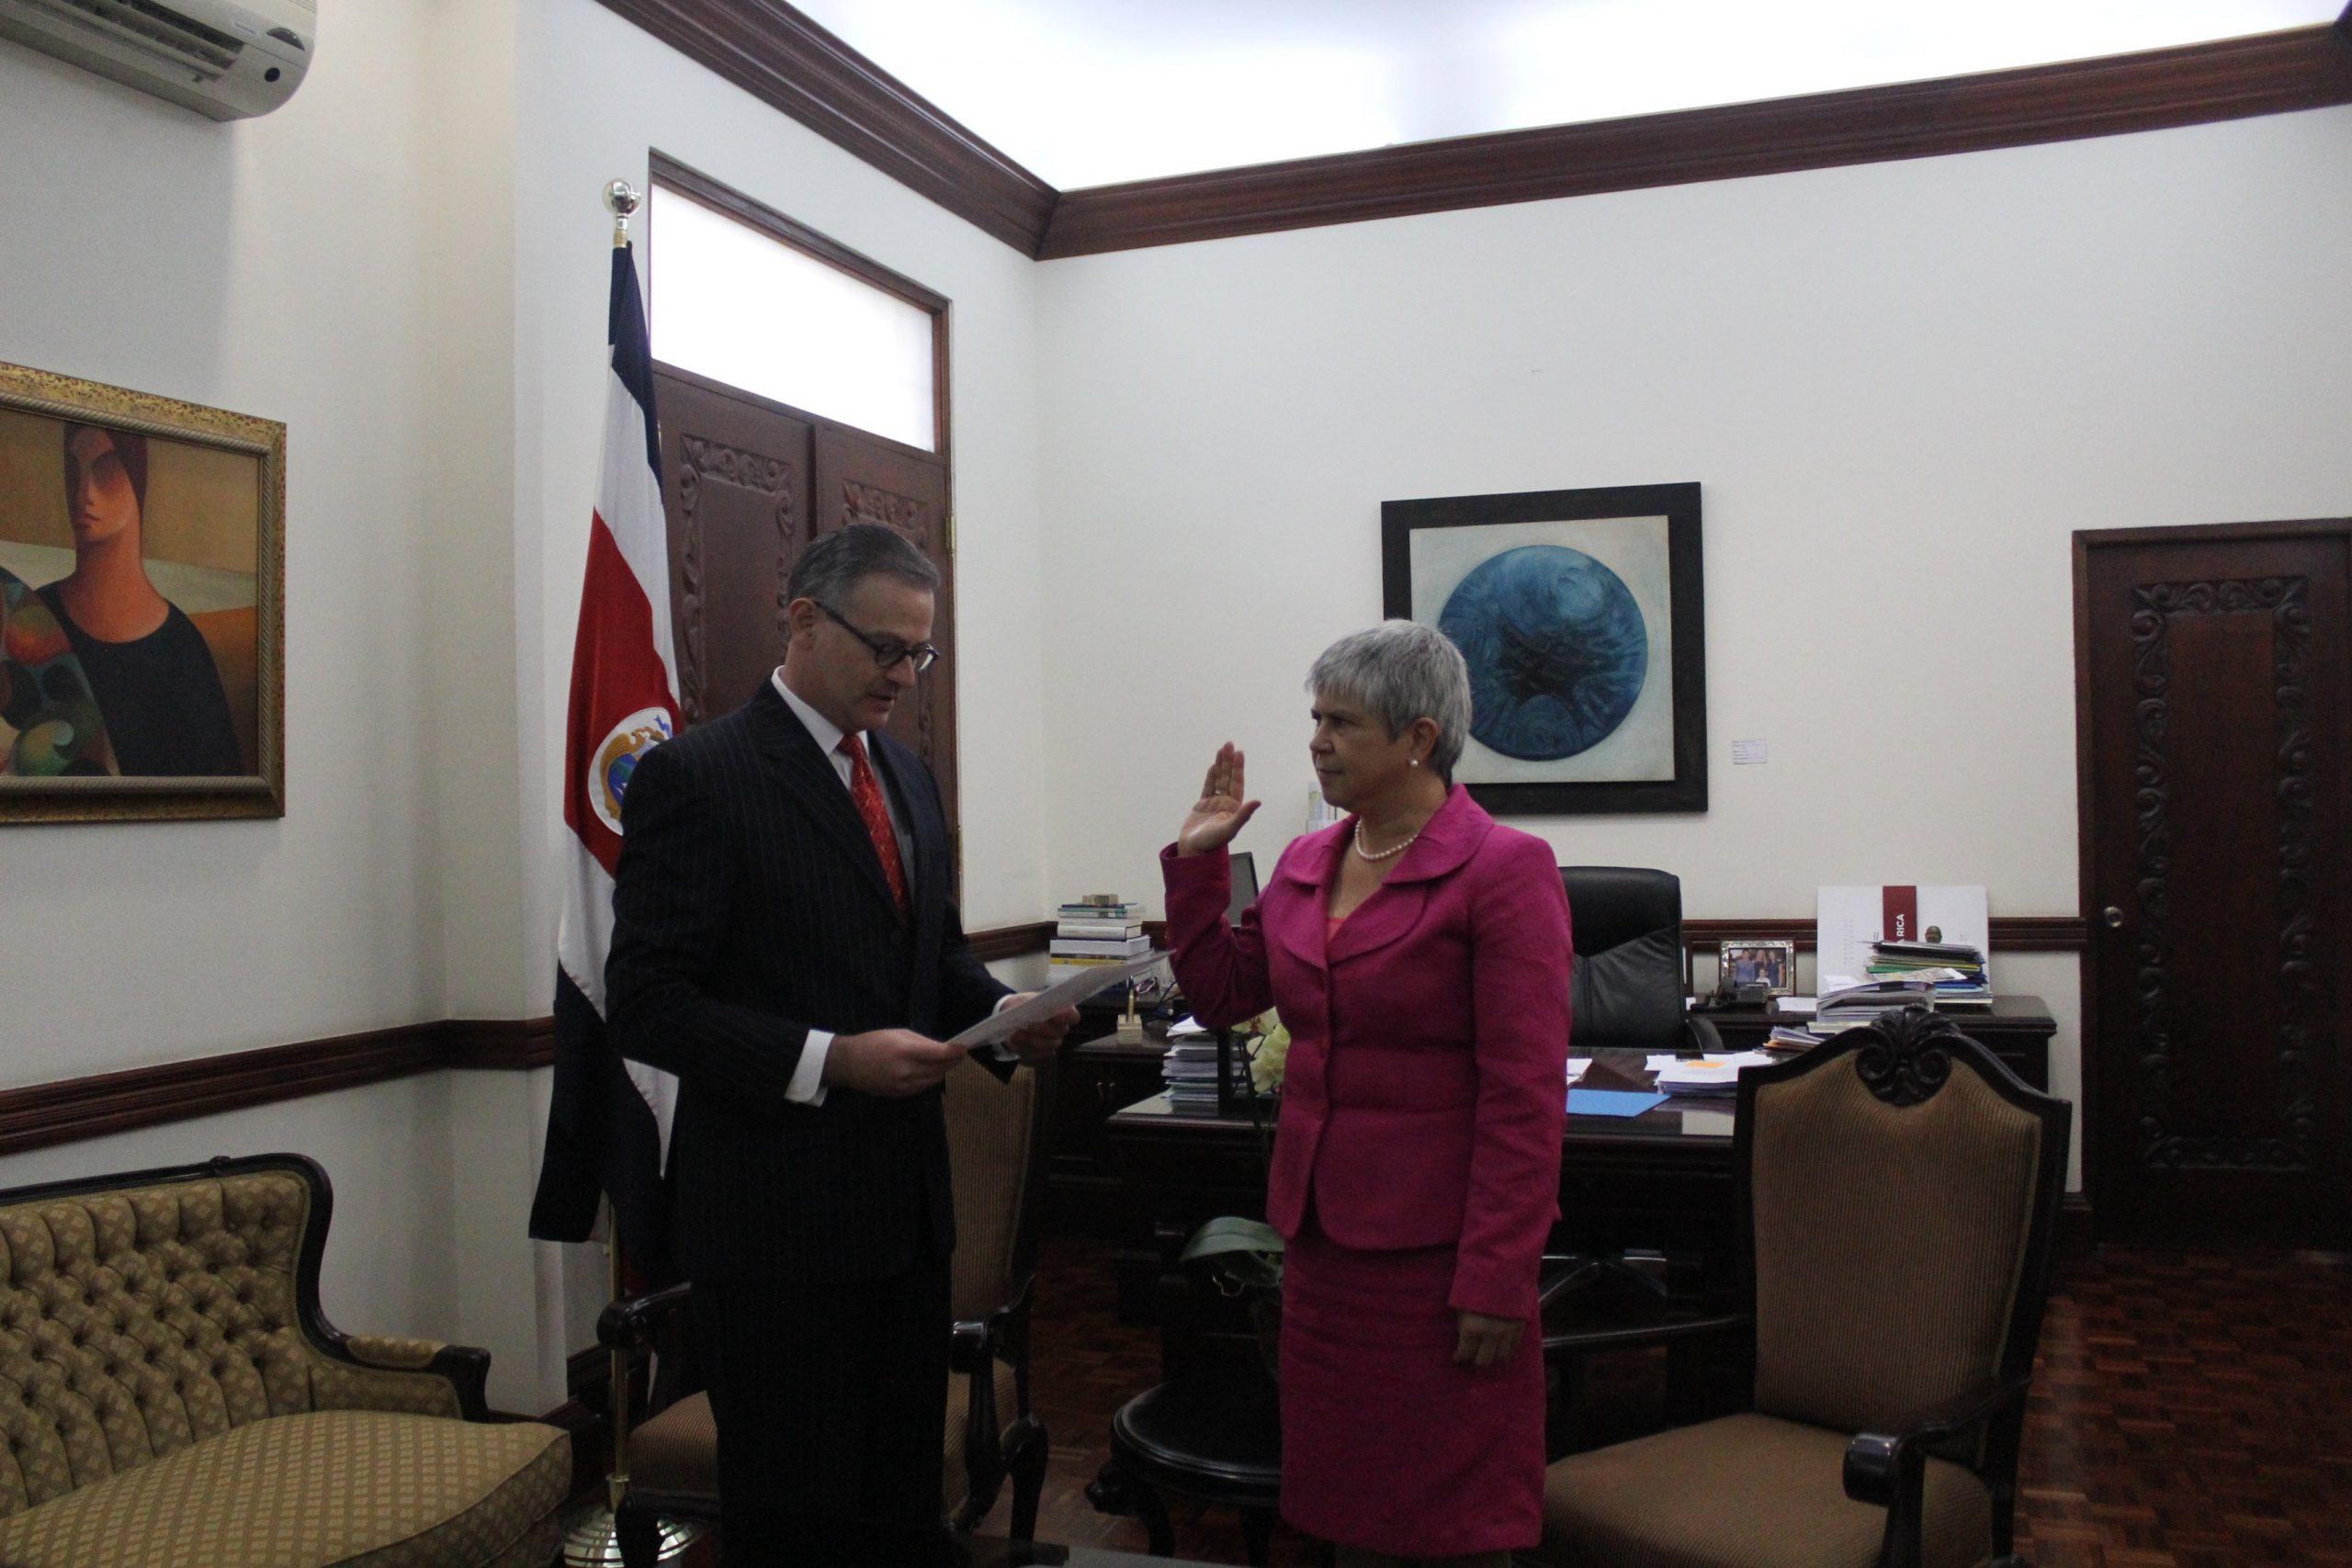 Nueva embajadora de Costa Rica en Nicaragua. El cargo estaba vacante desde  el 2018